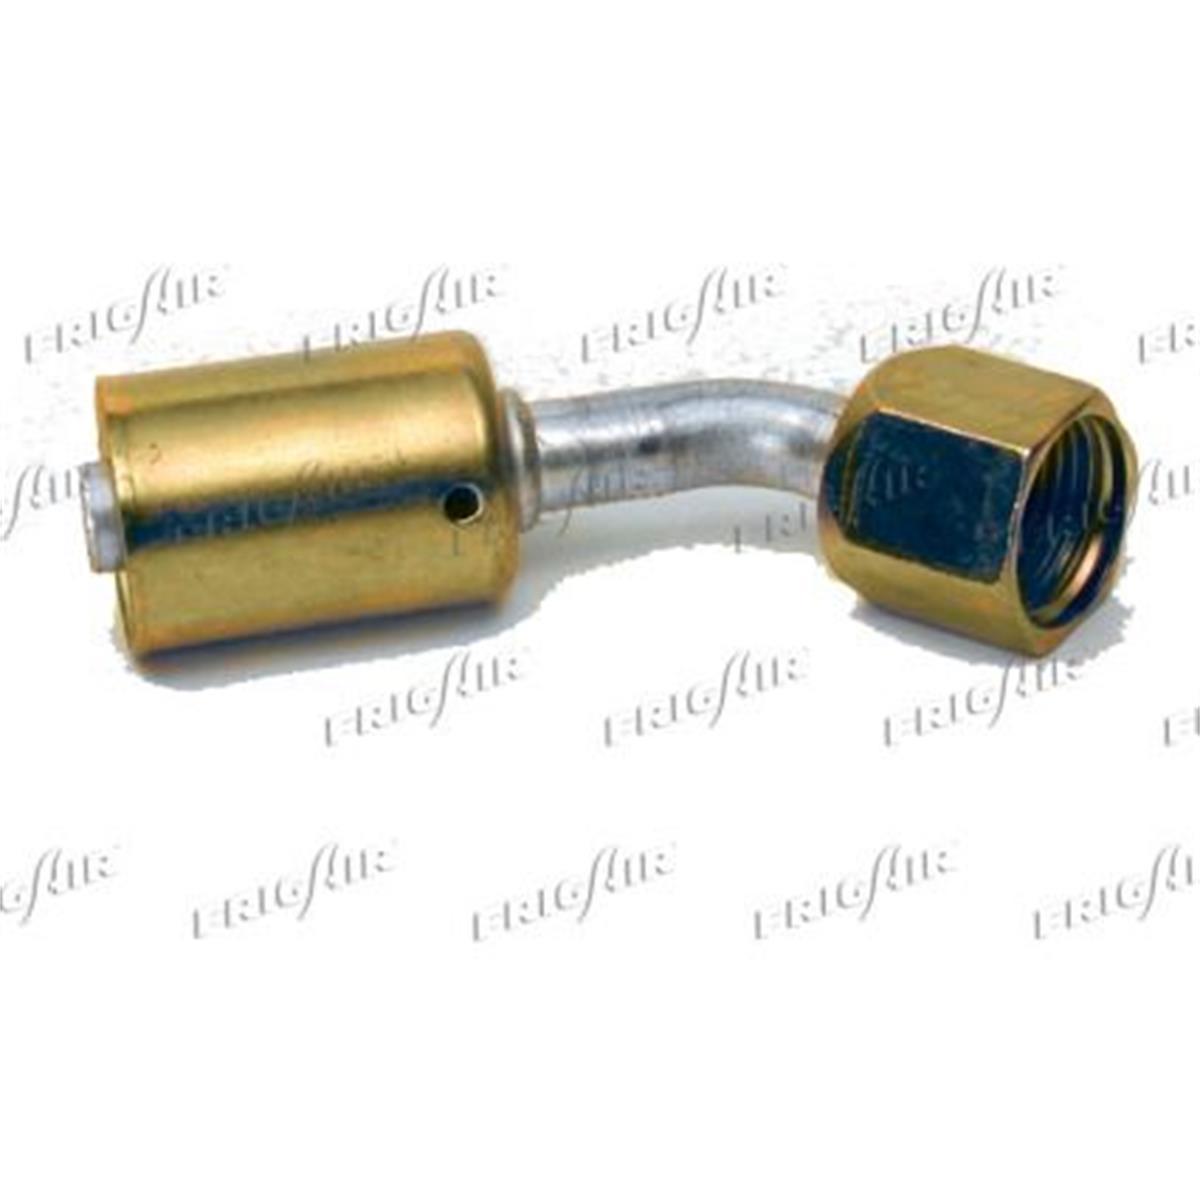 Unterdruckrohr Unterdruckschlauch Bremskraftverstärker Original VW T4 7D1611931N